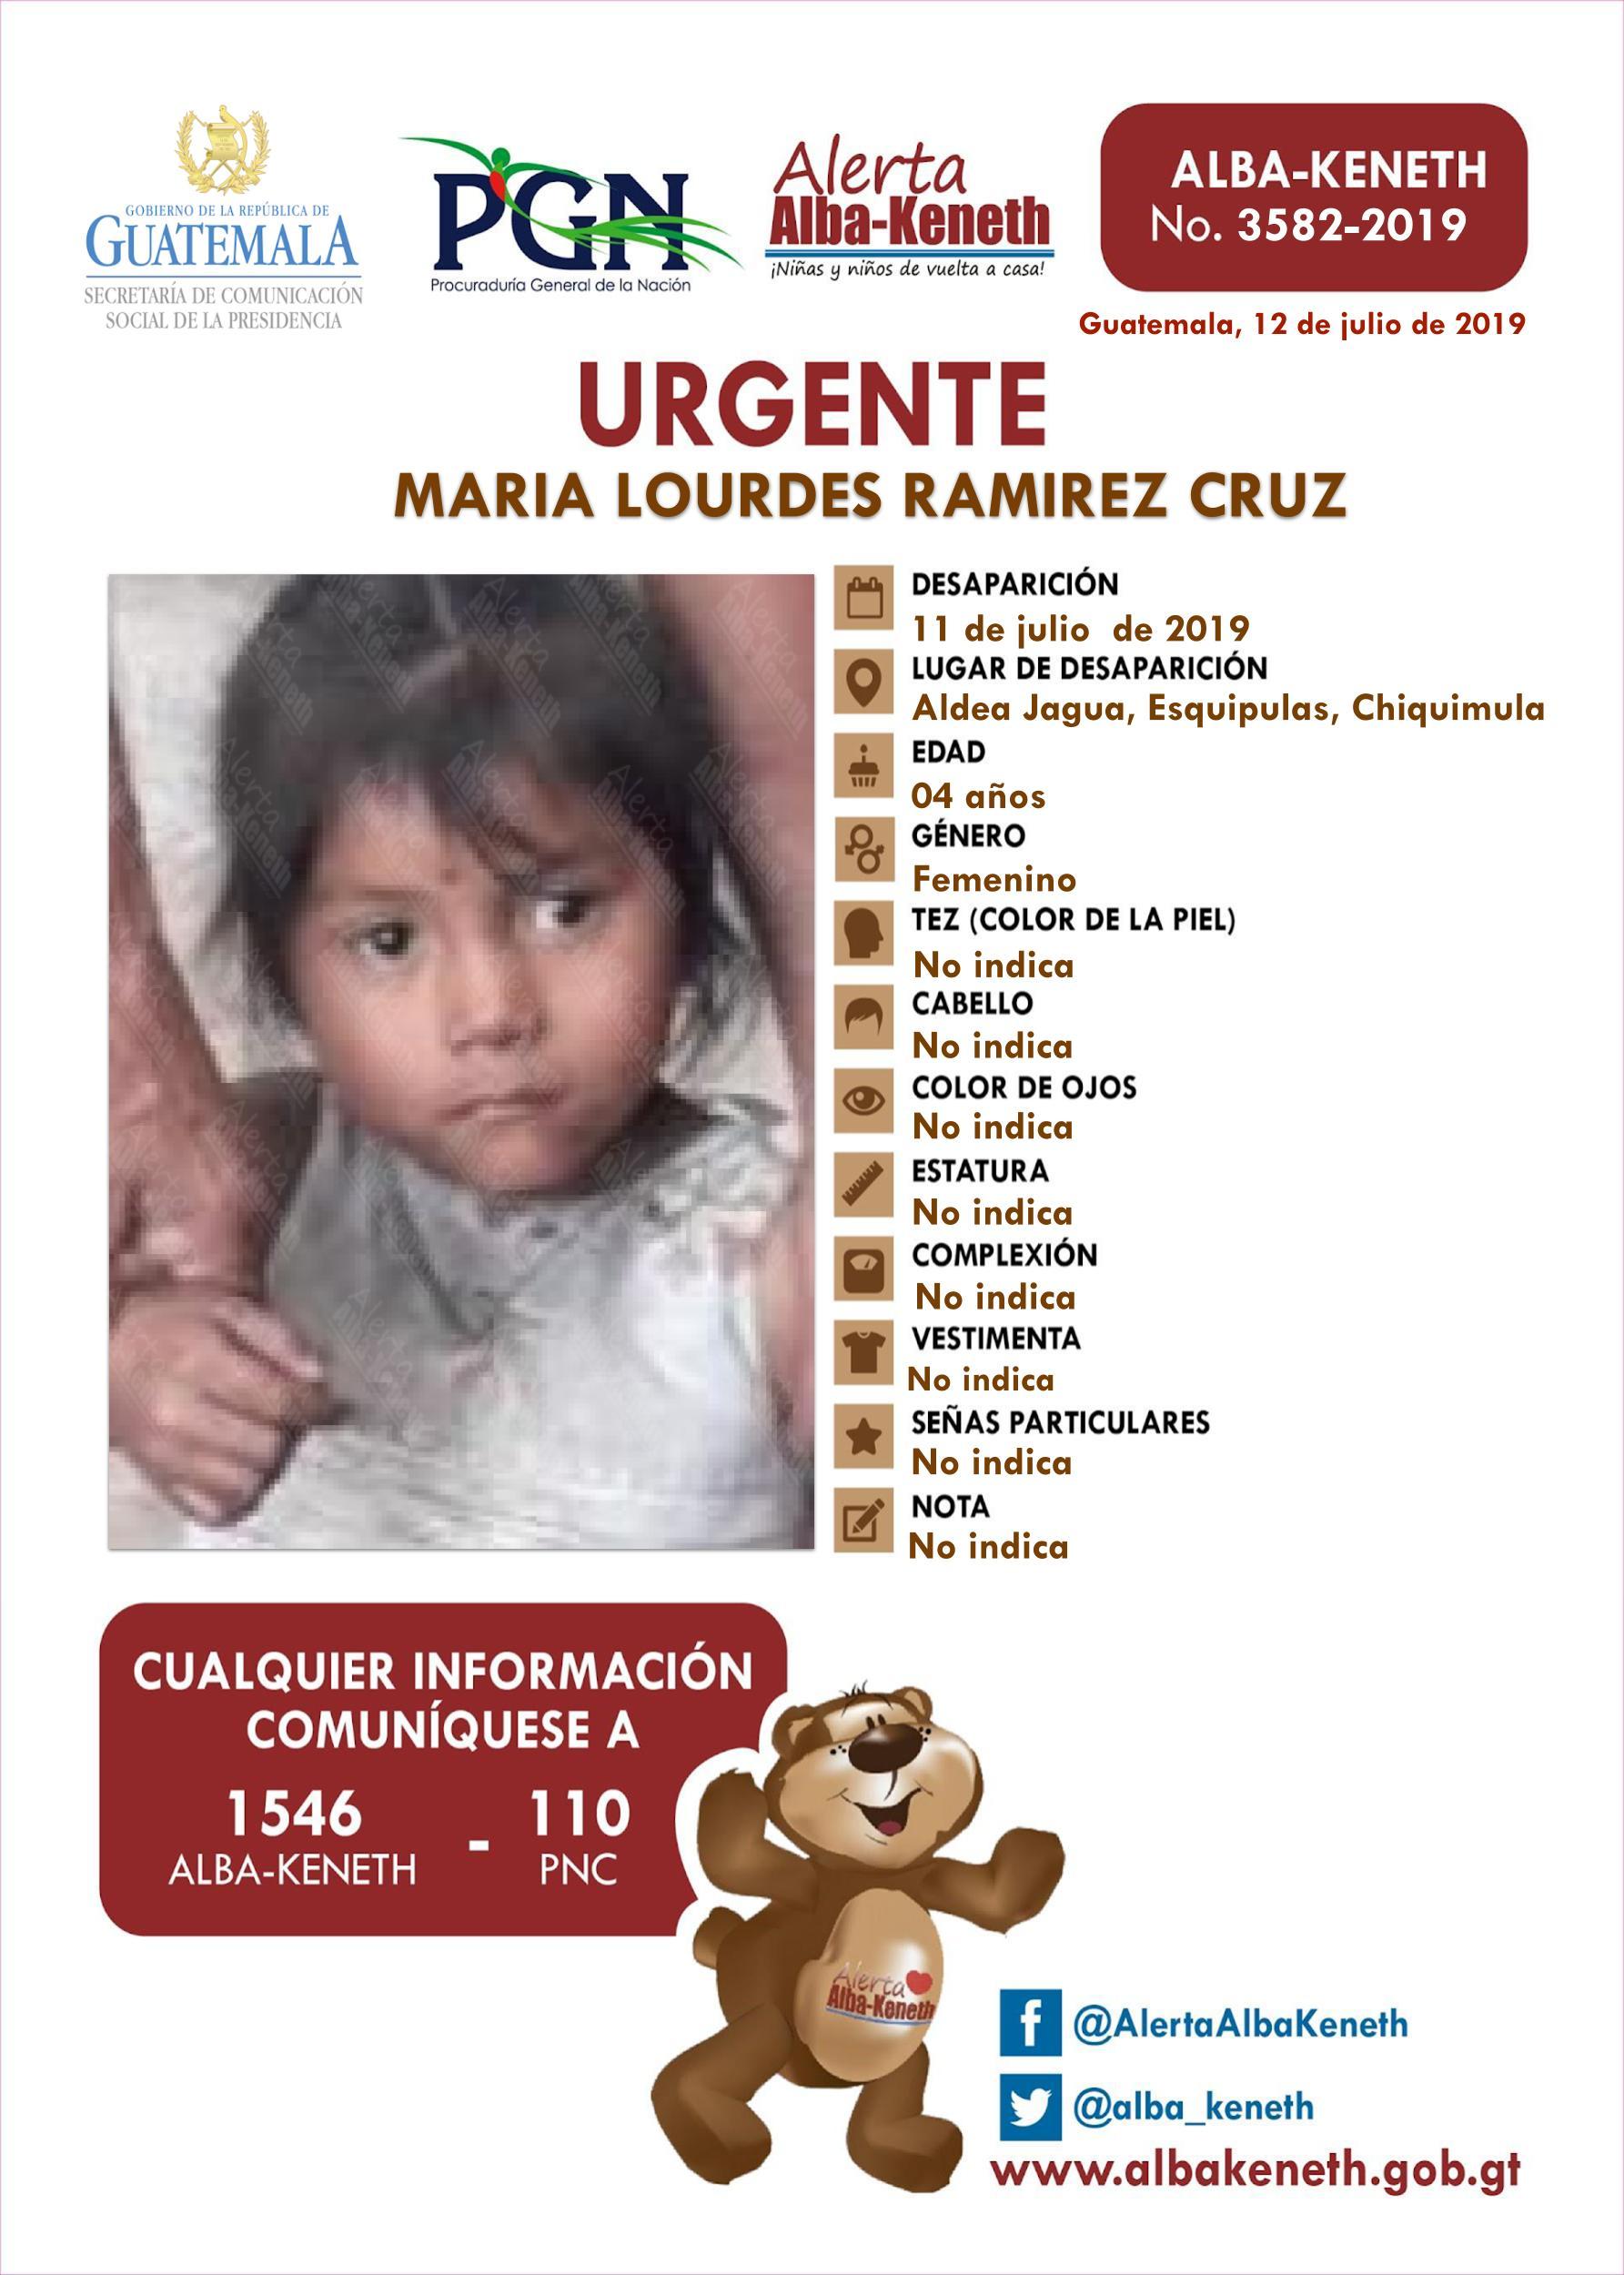 Maria Lourdes Ramirez Cruz